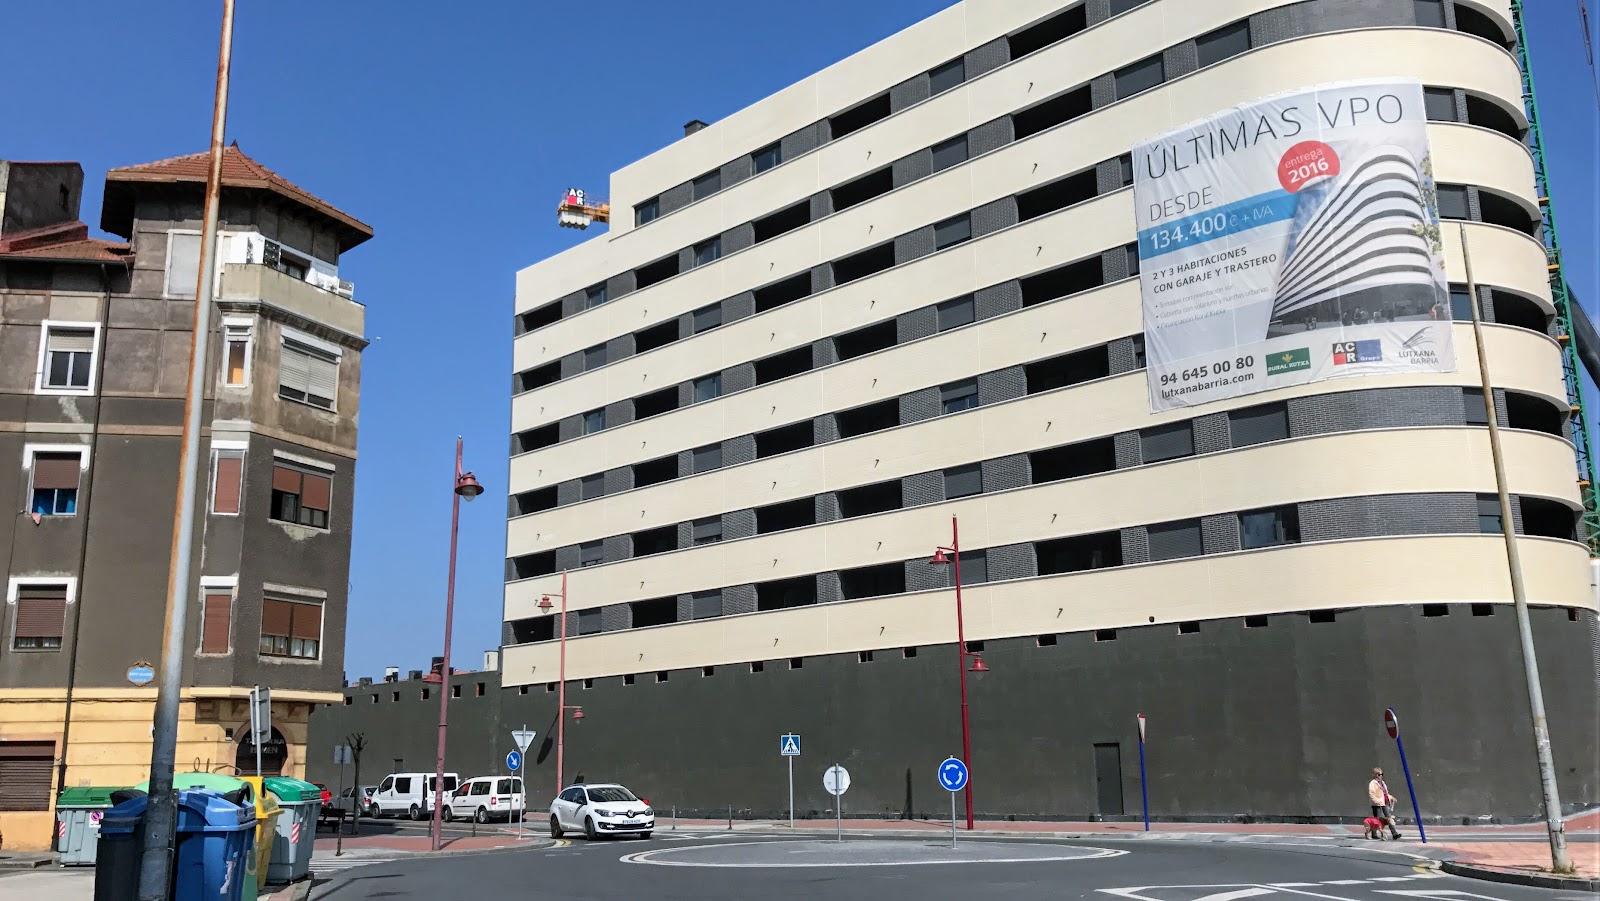 Barakaldo digital la constructora entrega 39 pisos de la for Clausula suelo en pisos de vpo